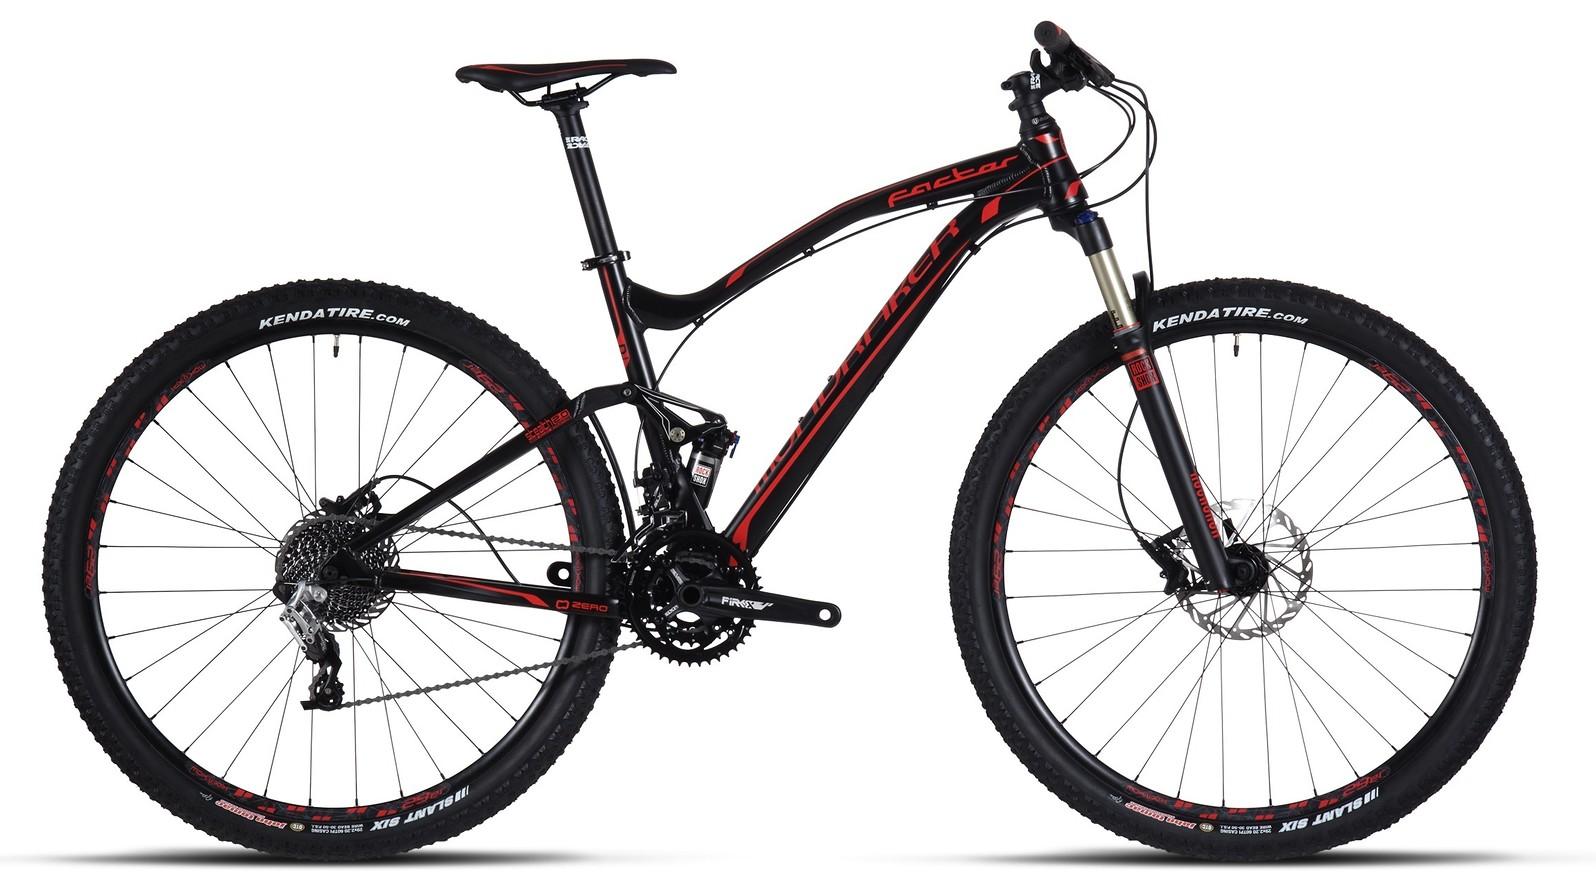 2013 Mondraker Factor 29er Bike bike - mondraker factor 29er